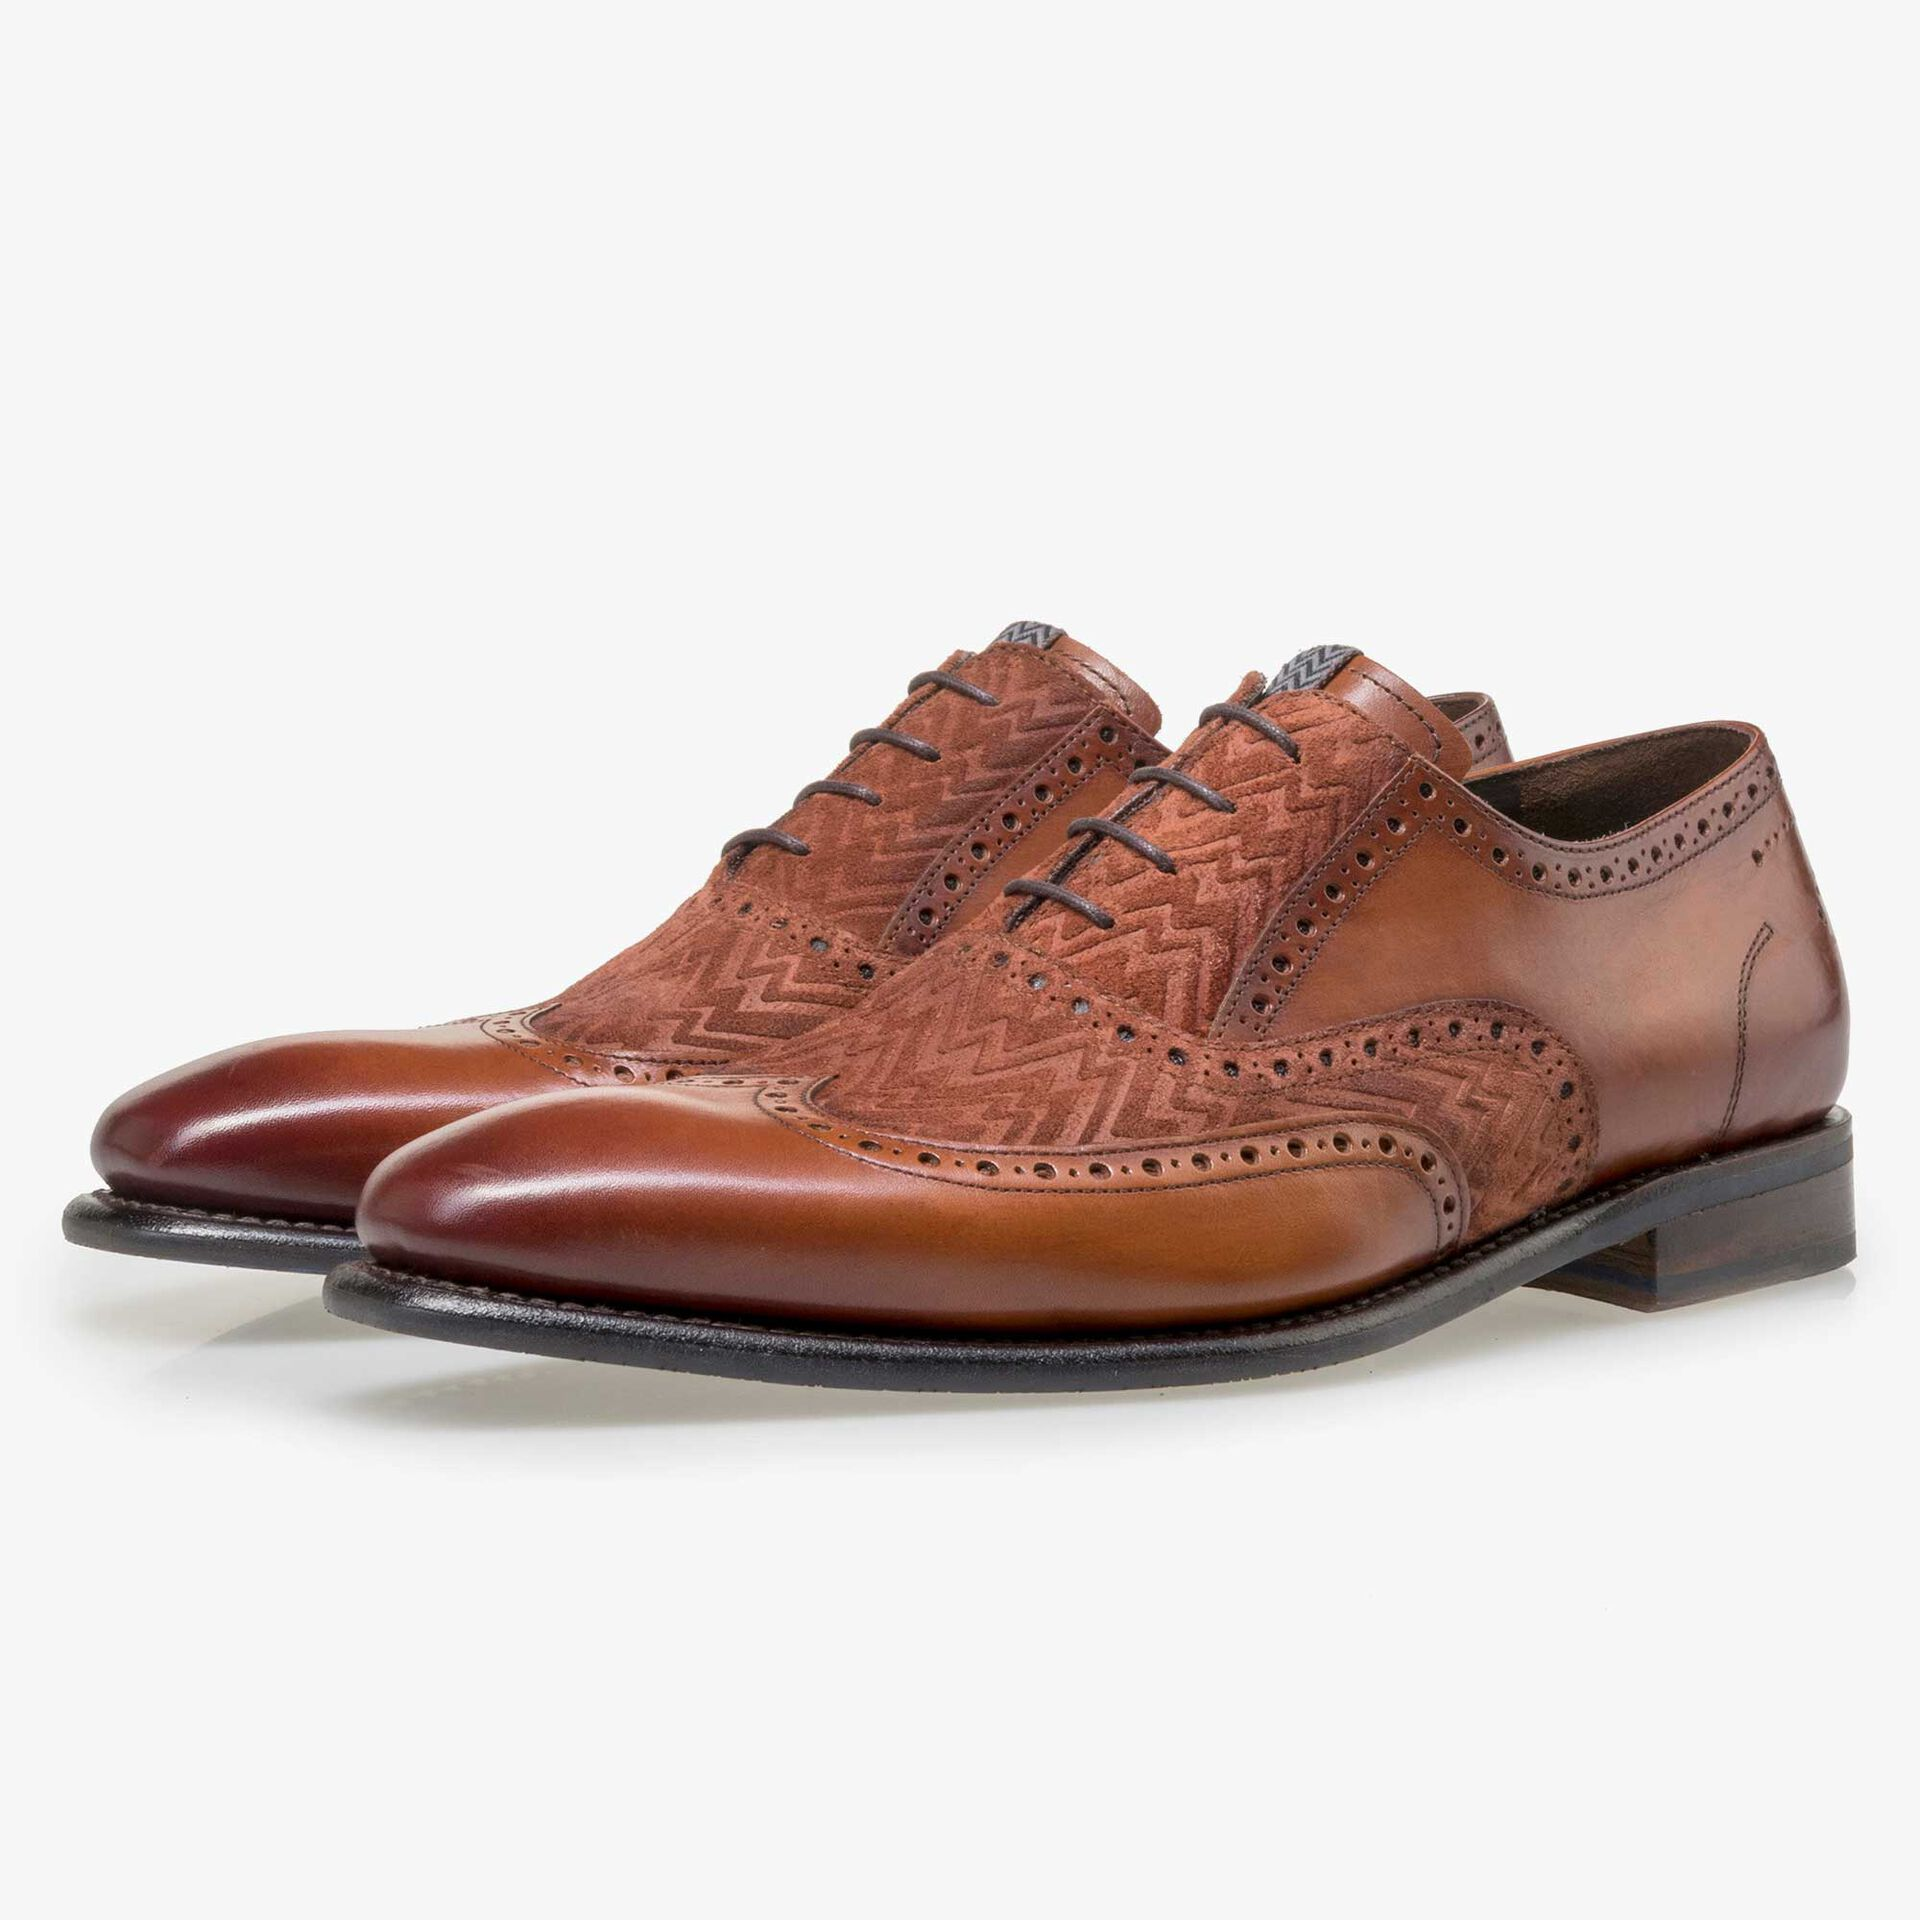 Floris van Bommel men's cognac-coloured leather lace shoe